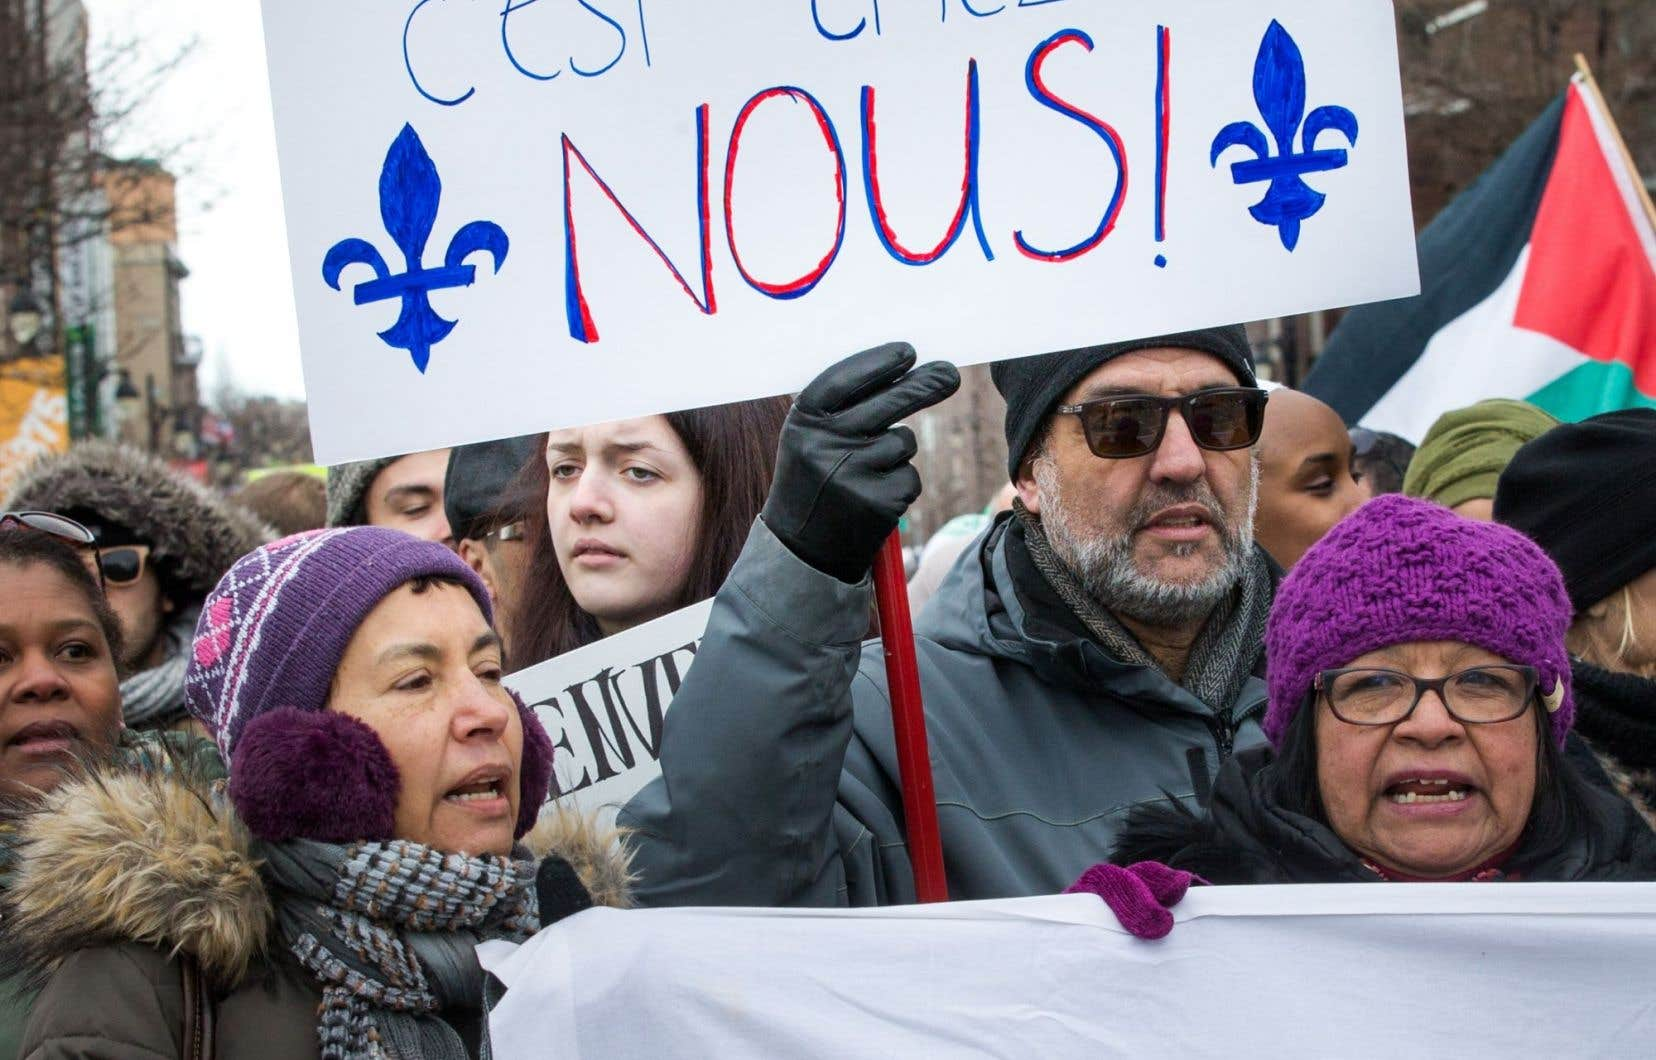 Mon pluralisme n'est pas une religion, mais l'expression d'une pensée qui ne suppose pas que le respect de l'autre signifie une diminution de soi-même. Et il n'est pas un dénigrement, mais un amour du Québec, souligne l'auteur.